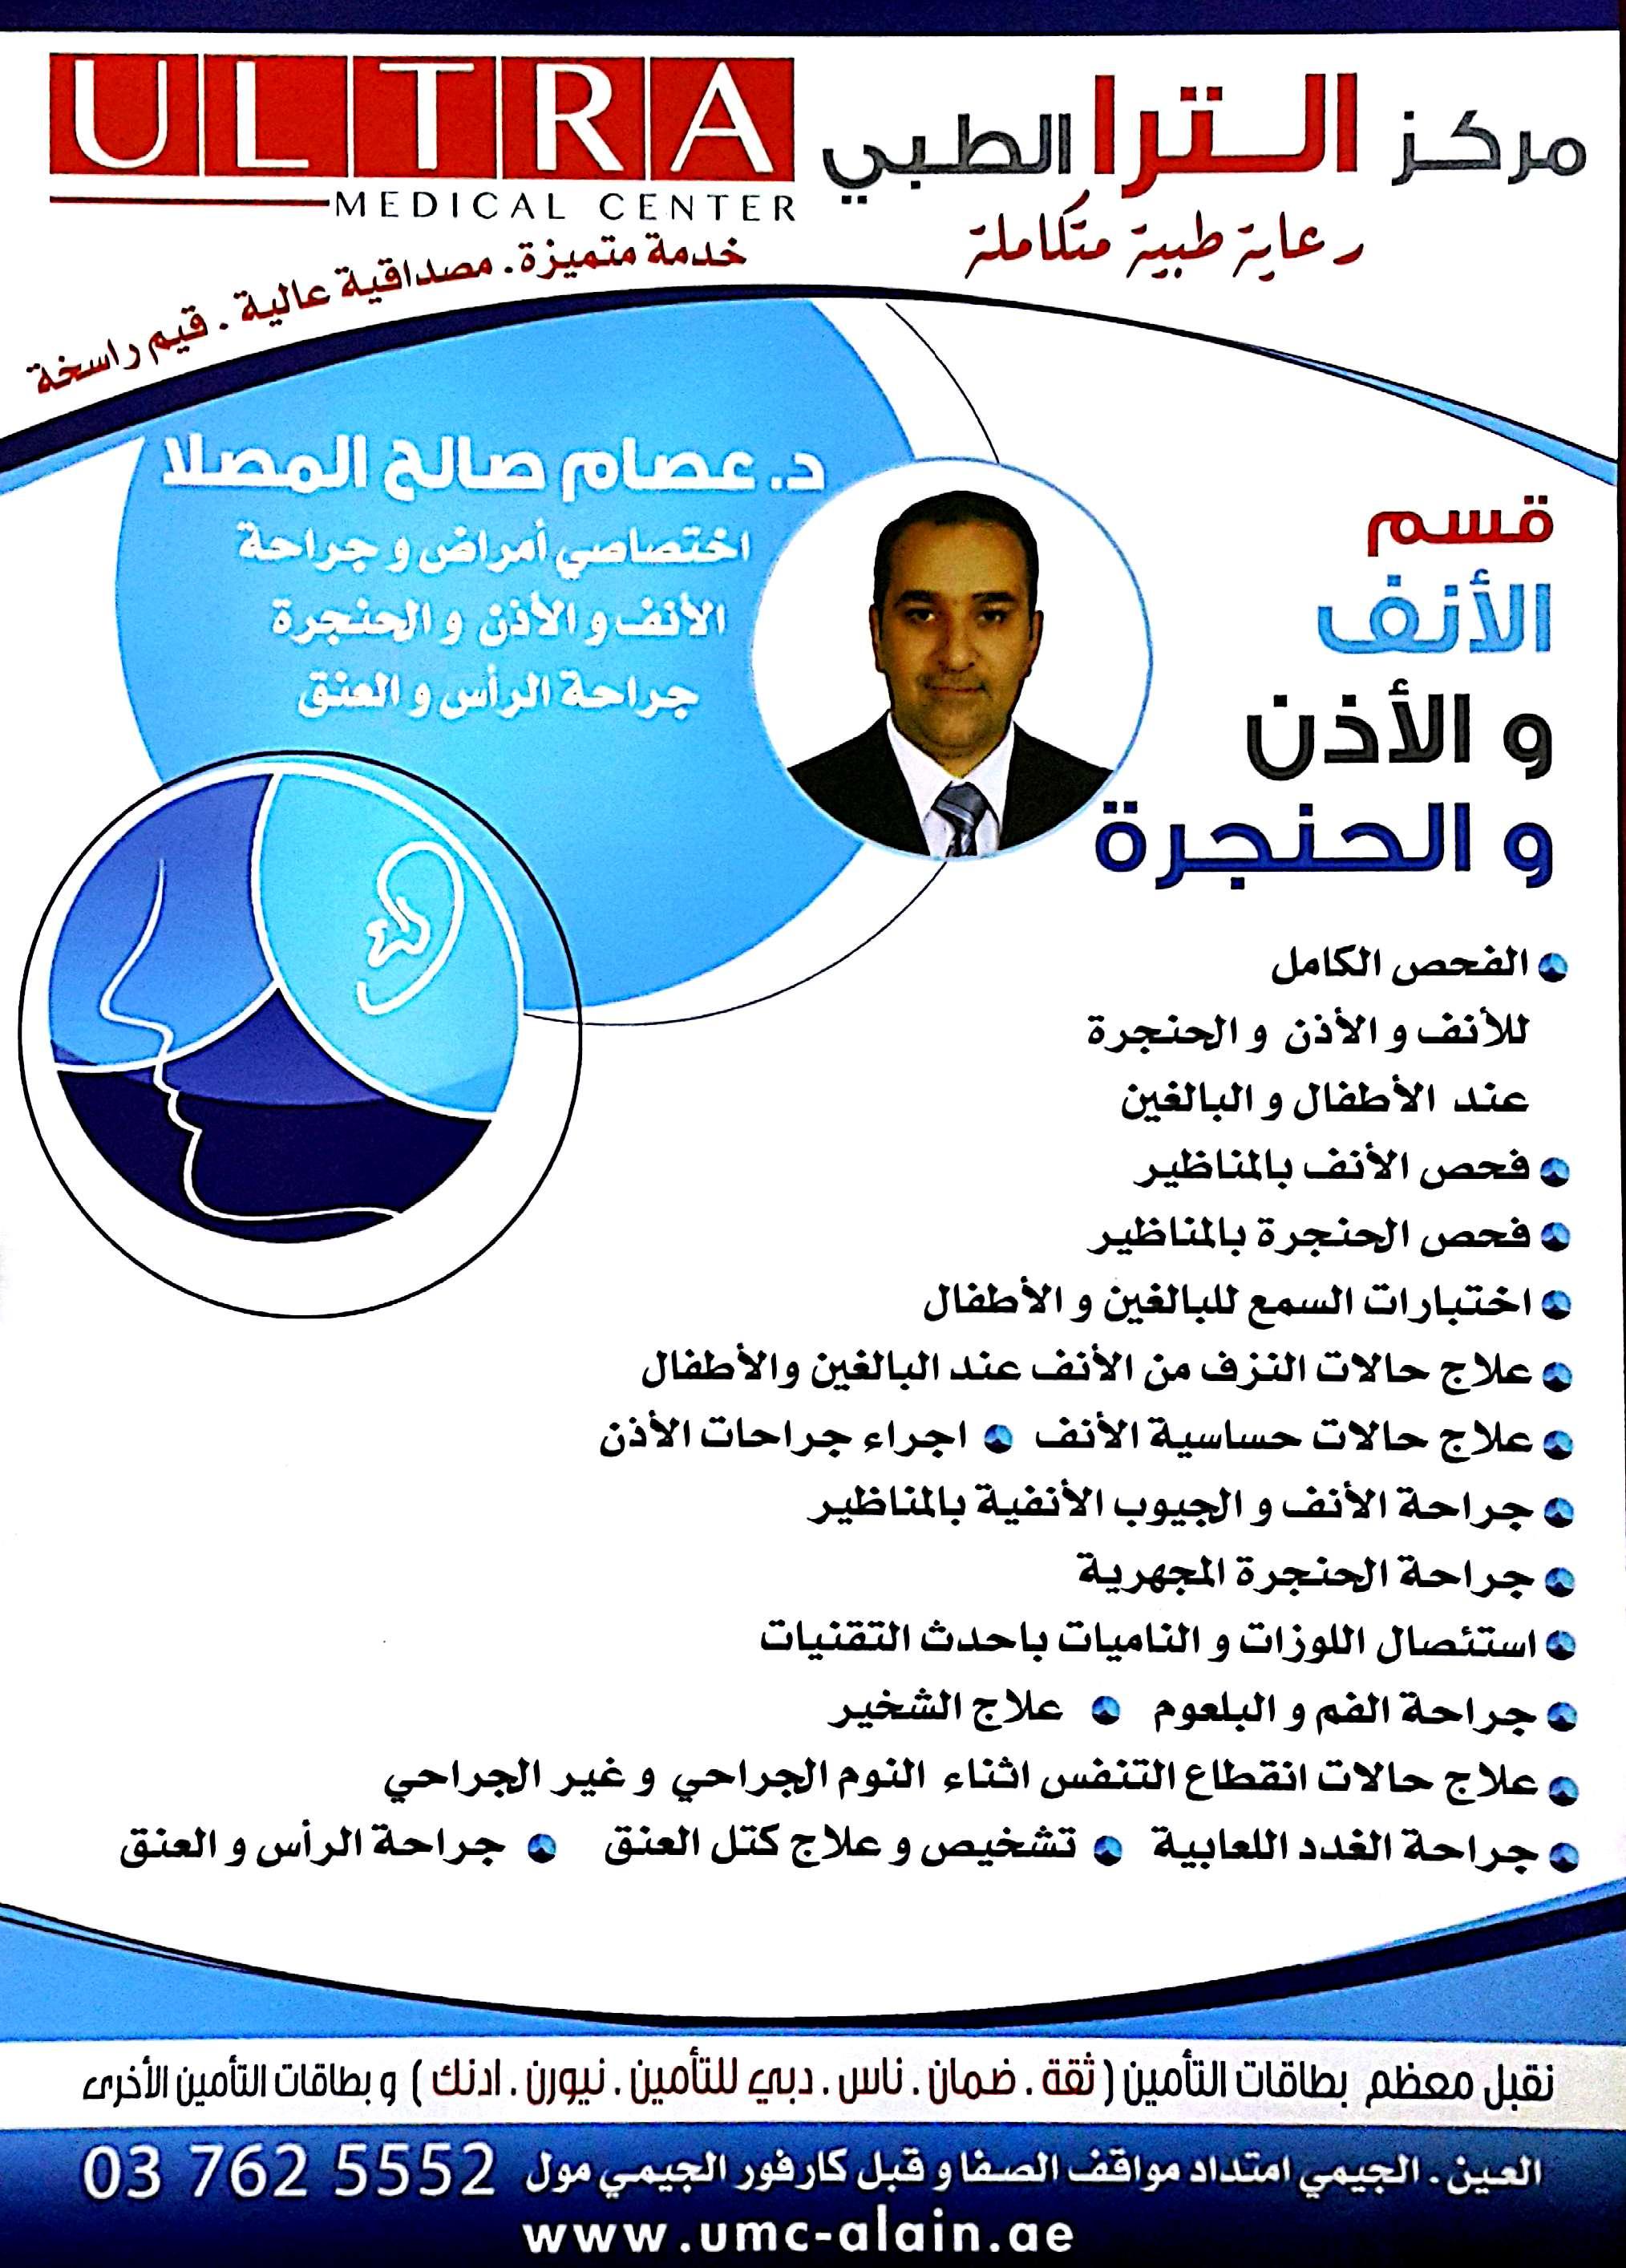 مركز الترا الطبي بمدينة العين , الجيمي 037625552 P_509jiyag3